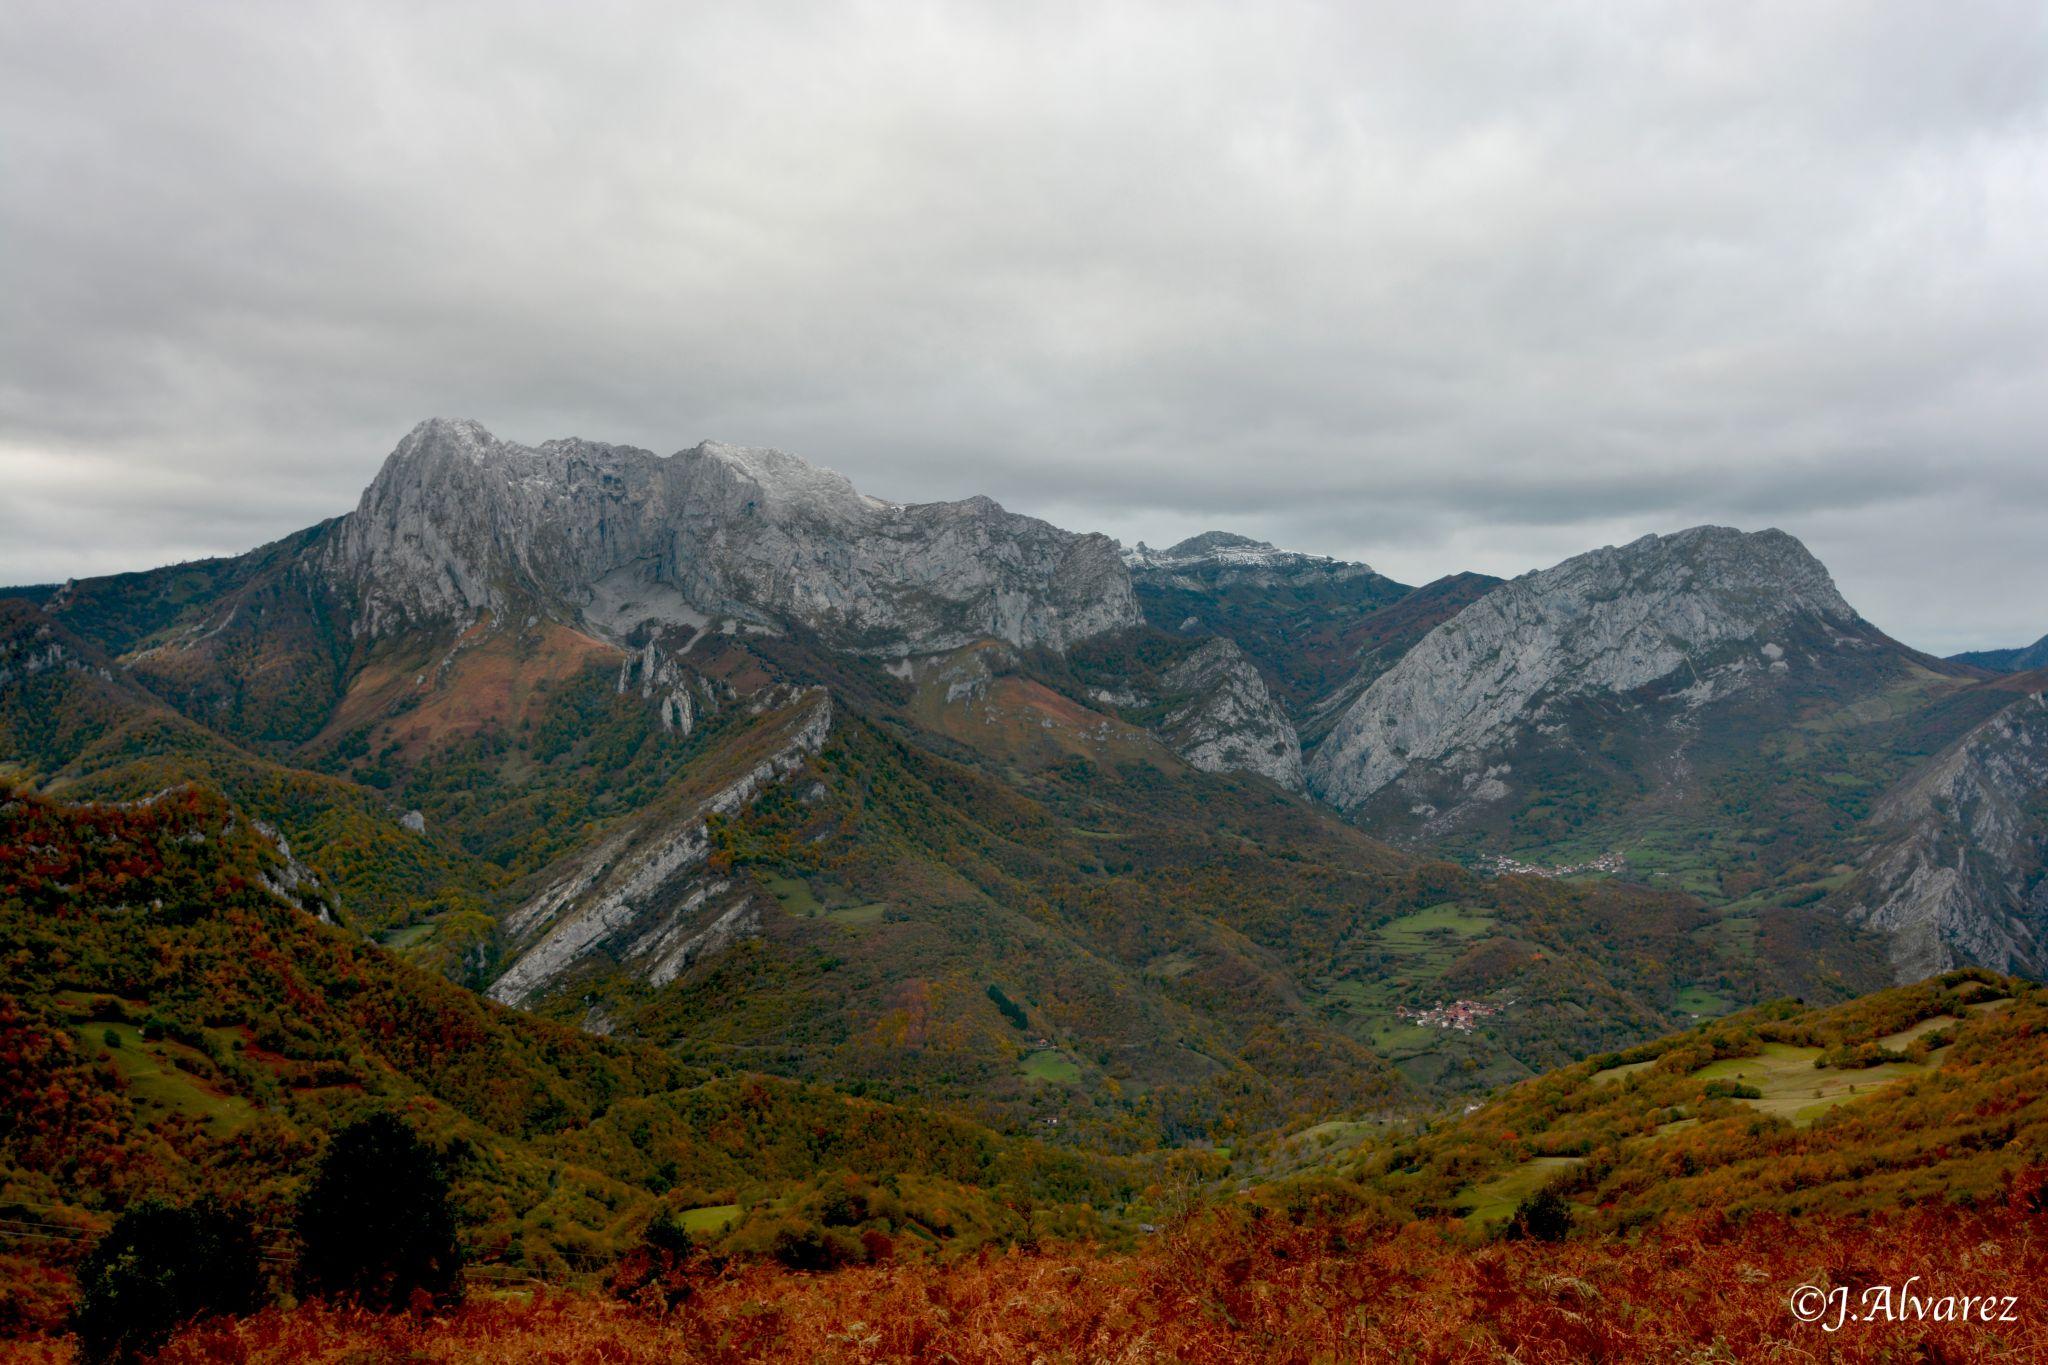 Los Bedules, Spain